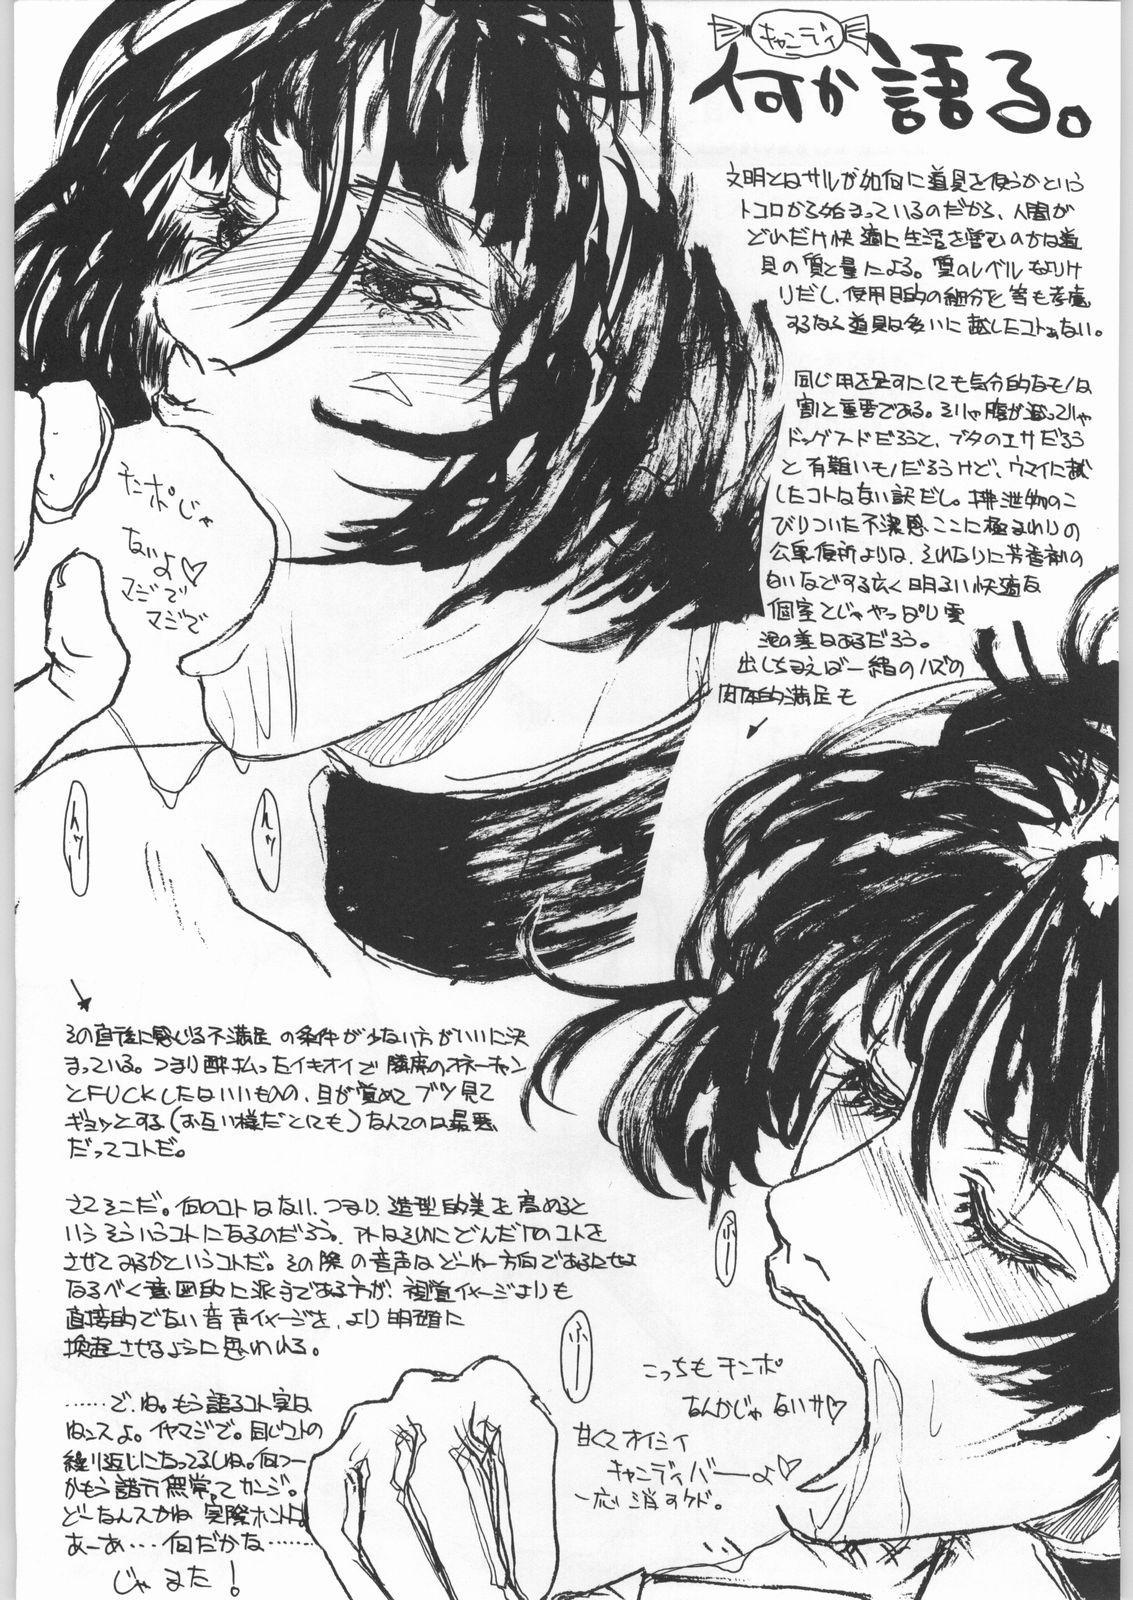 Ero Manga Kenkyuujo FIRE 39